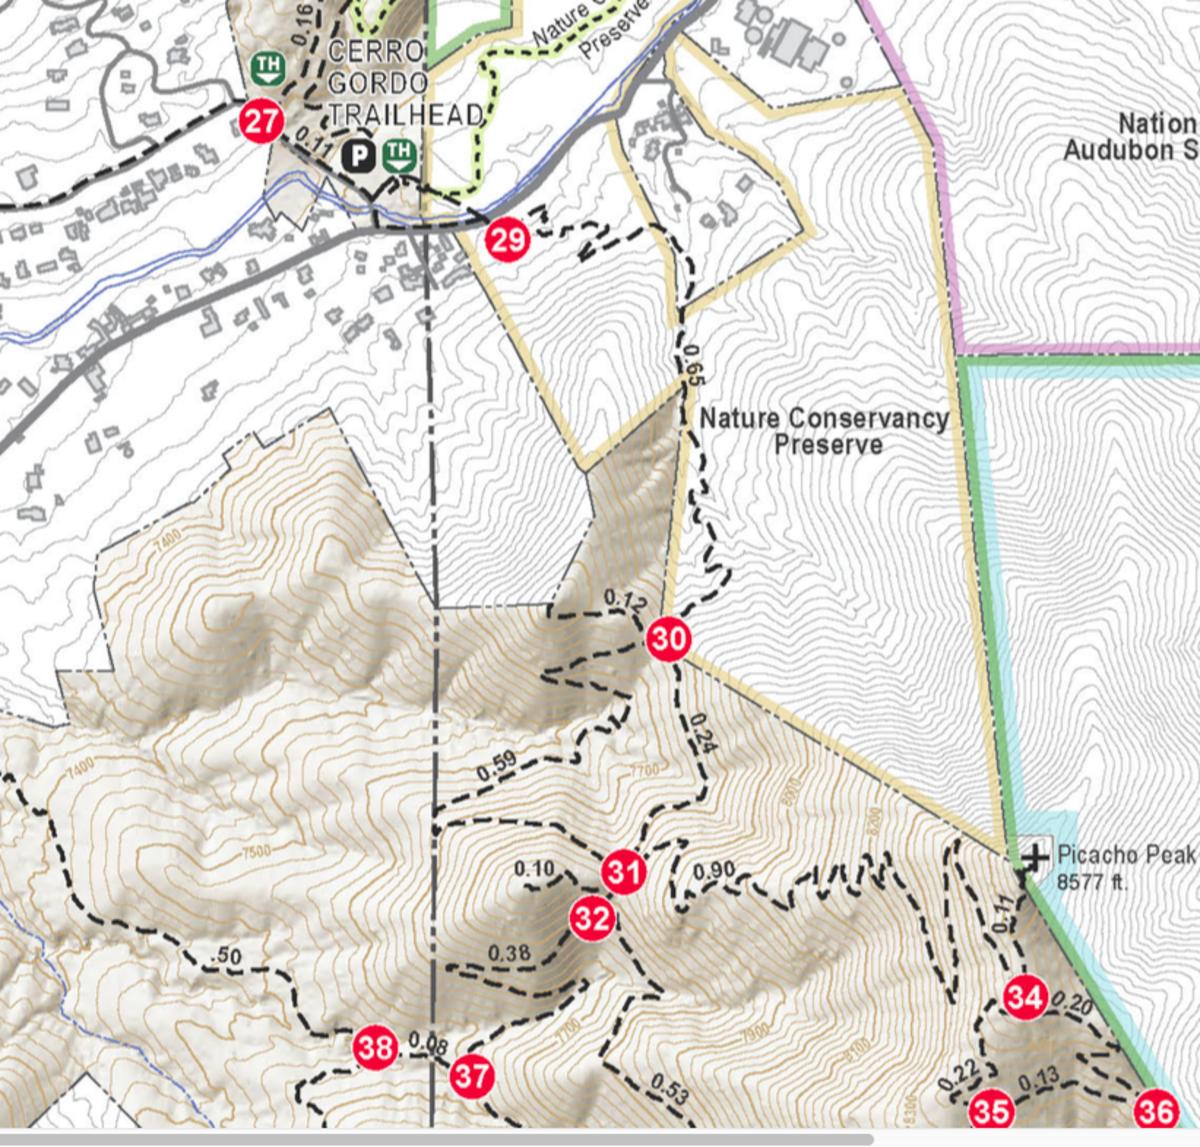 Great Hikes: Picacho Peak, Santa Fe, New Mexico